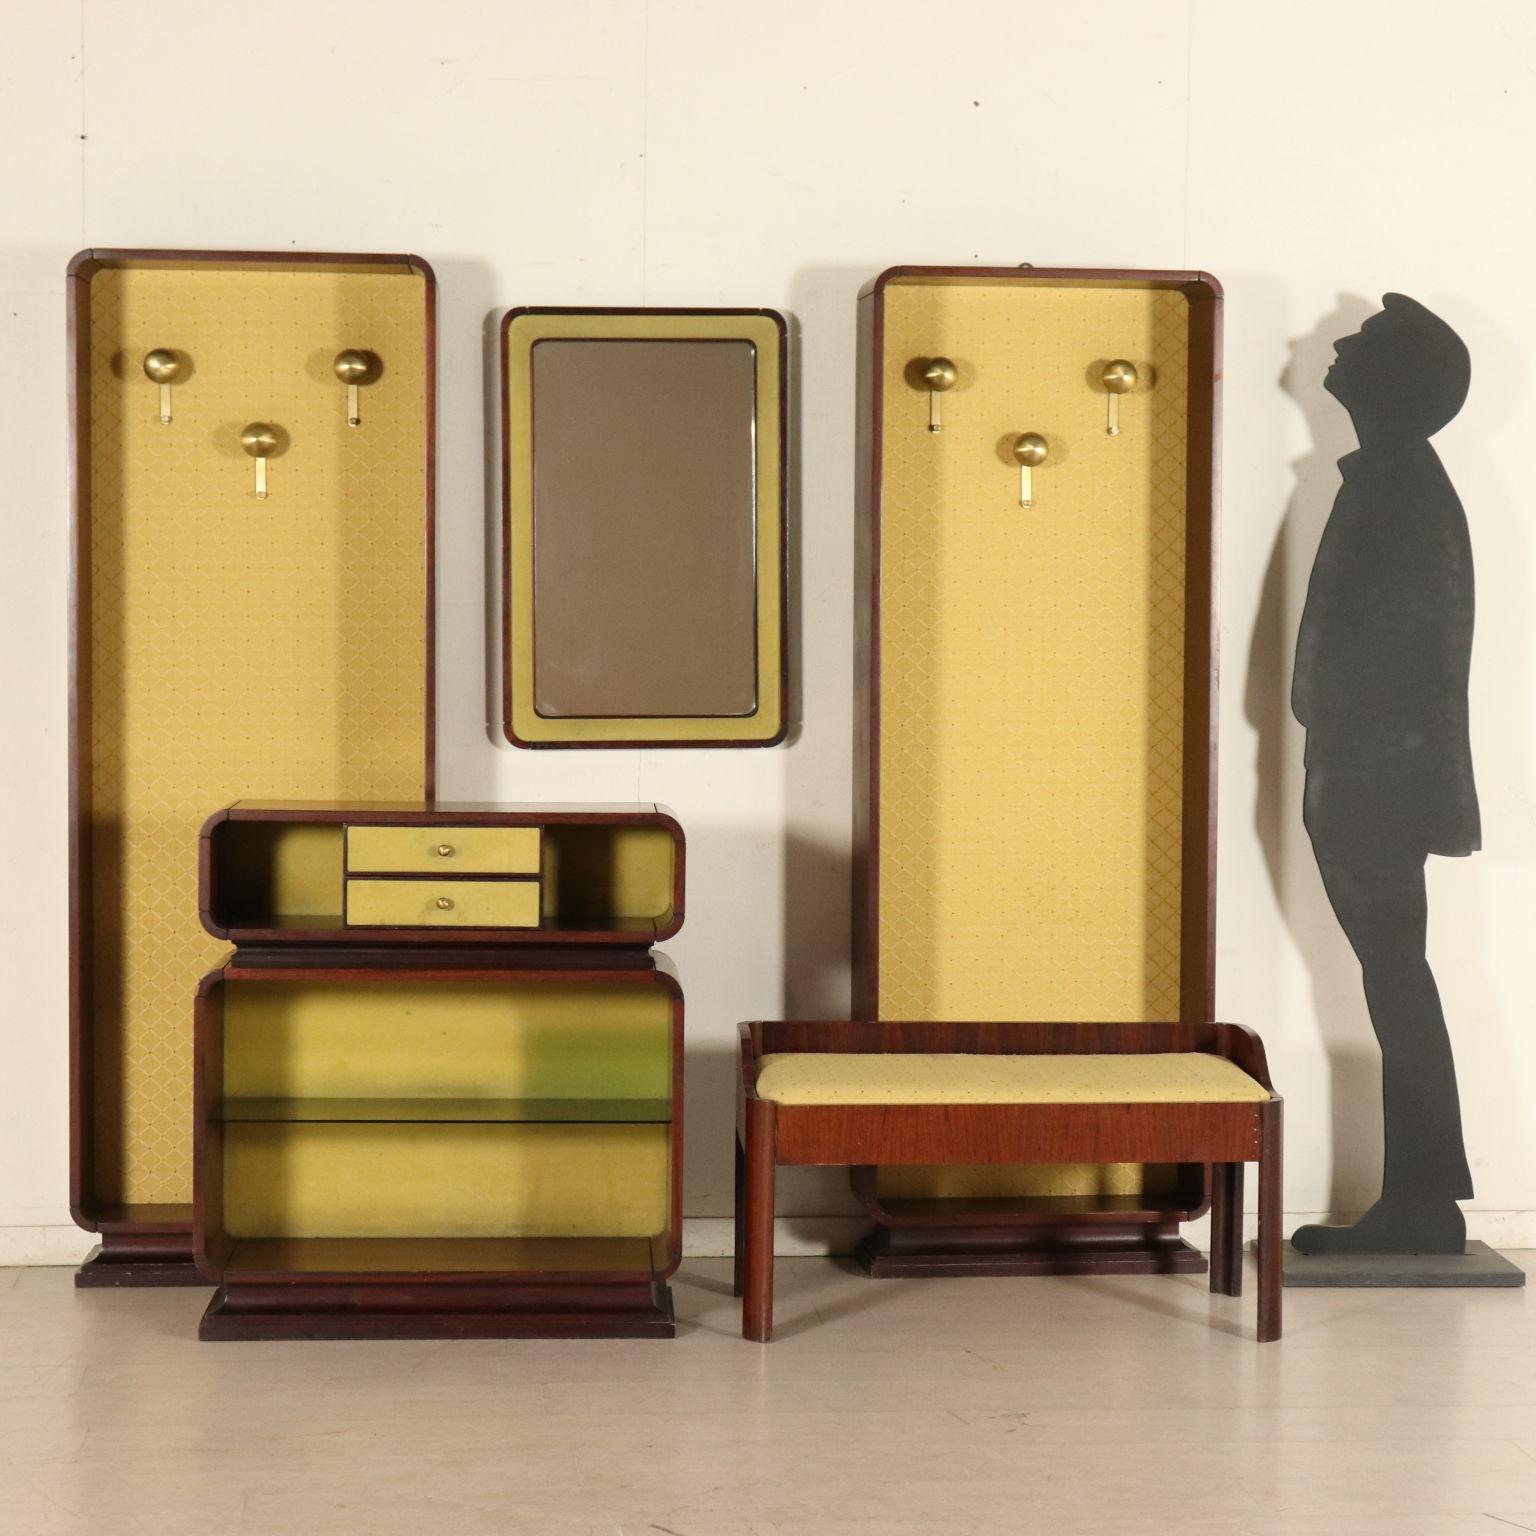 Anni 70 Arredamento arredi anni 60-70 - mobilio - modernariato - dimanoinmano.it